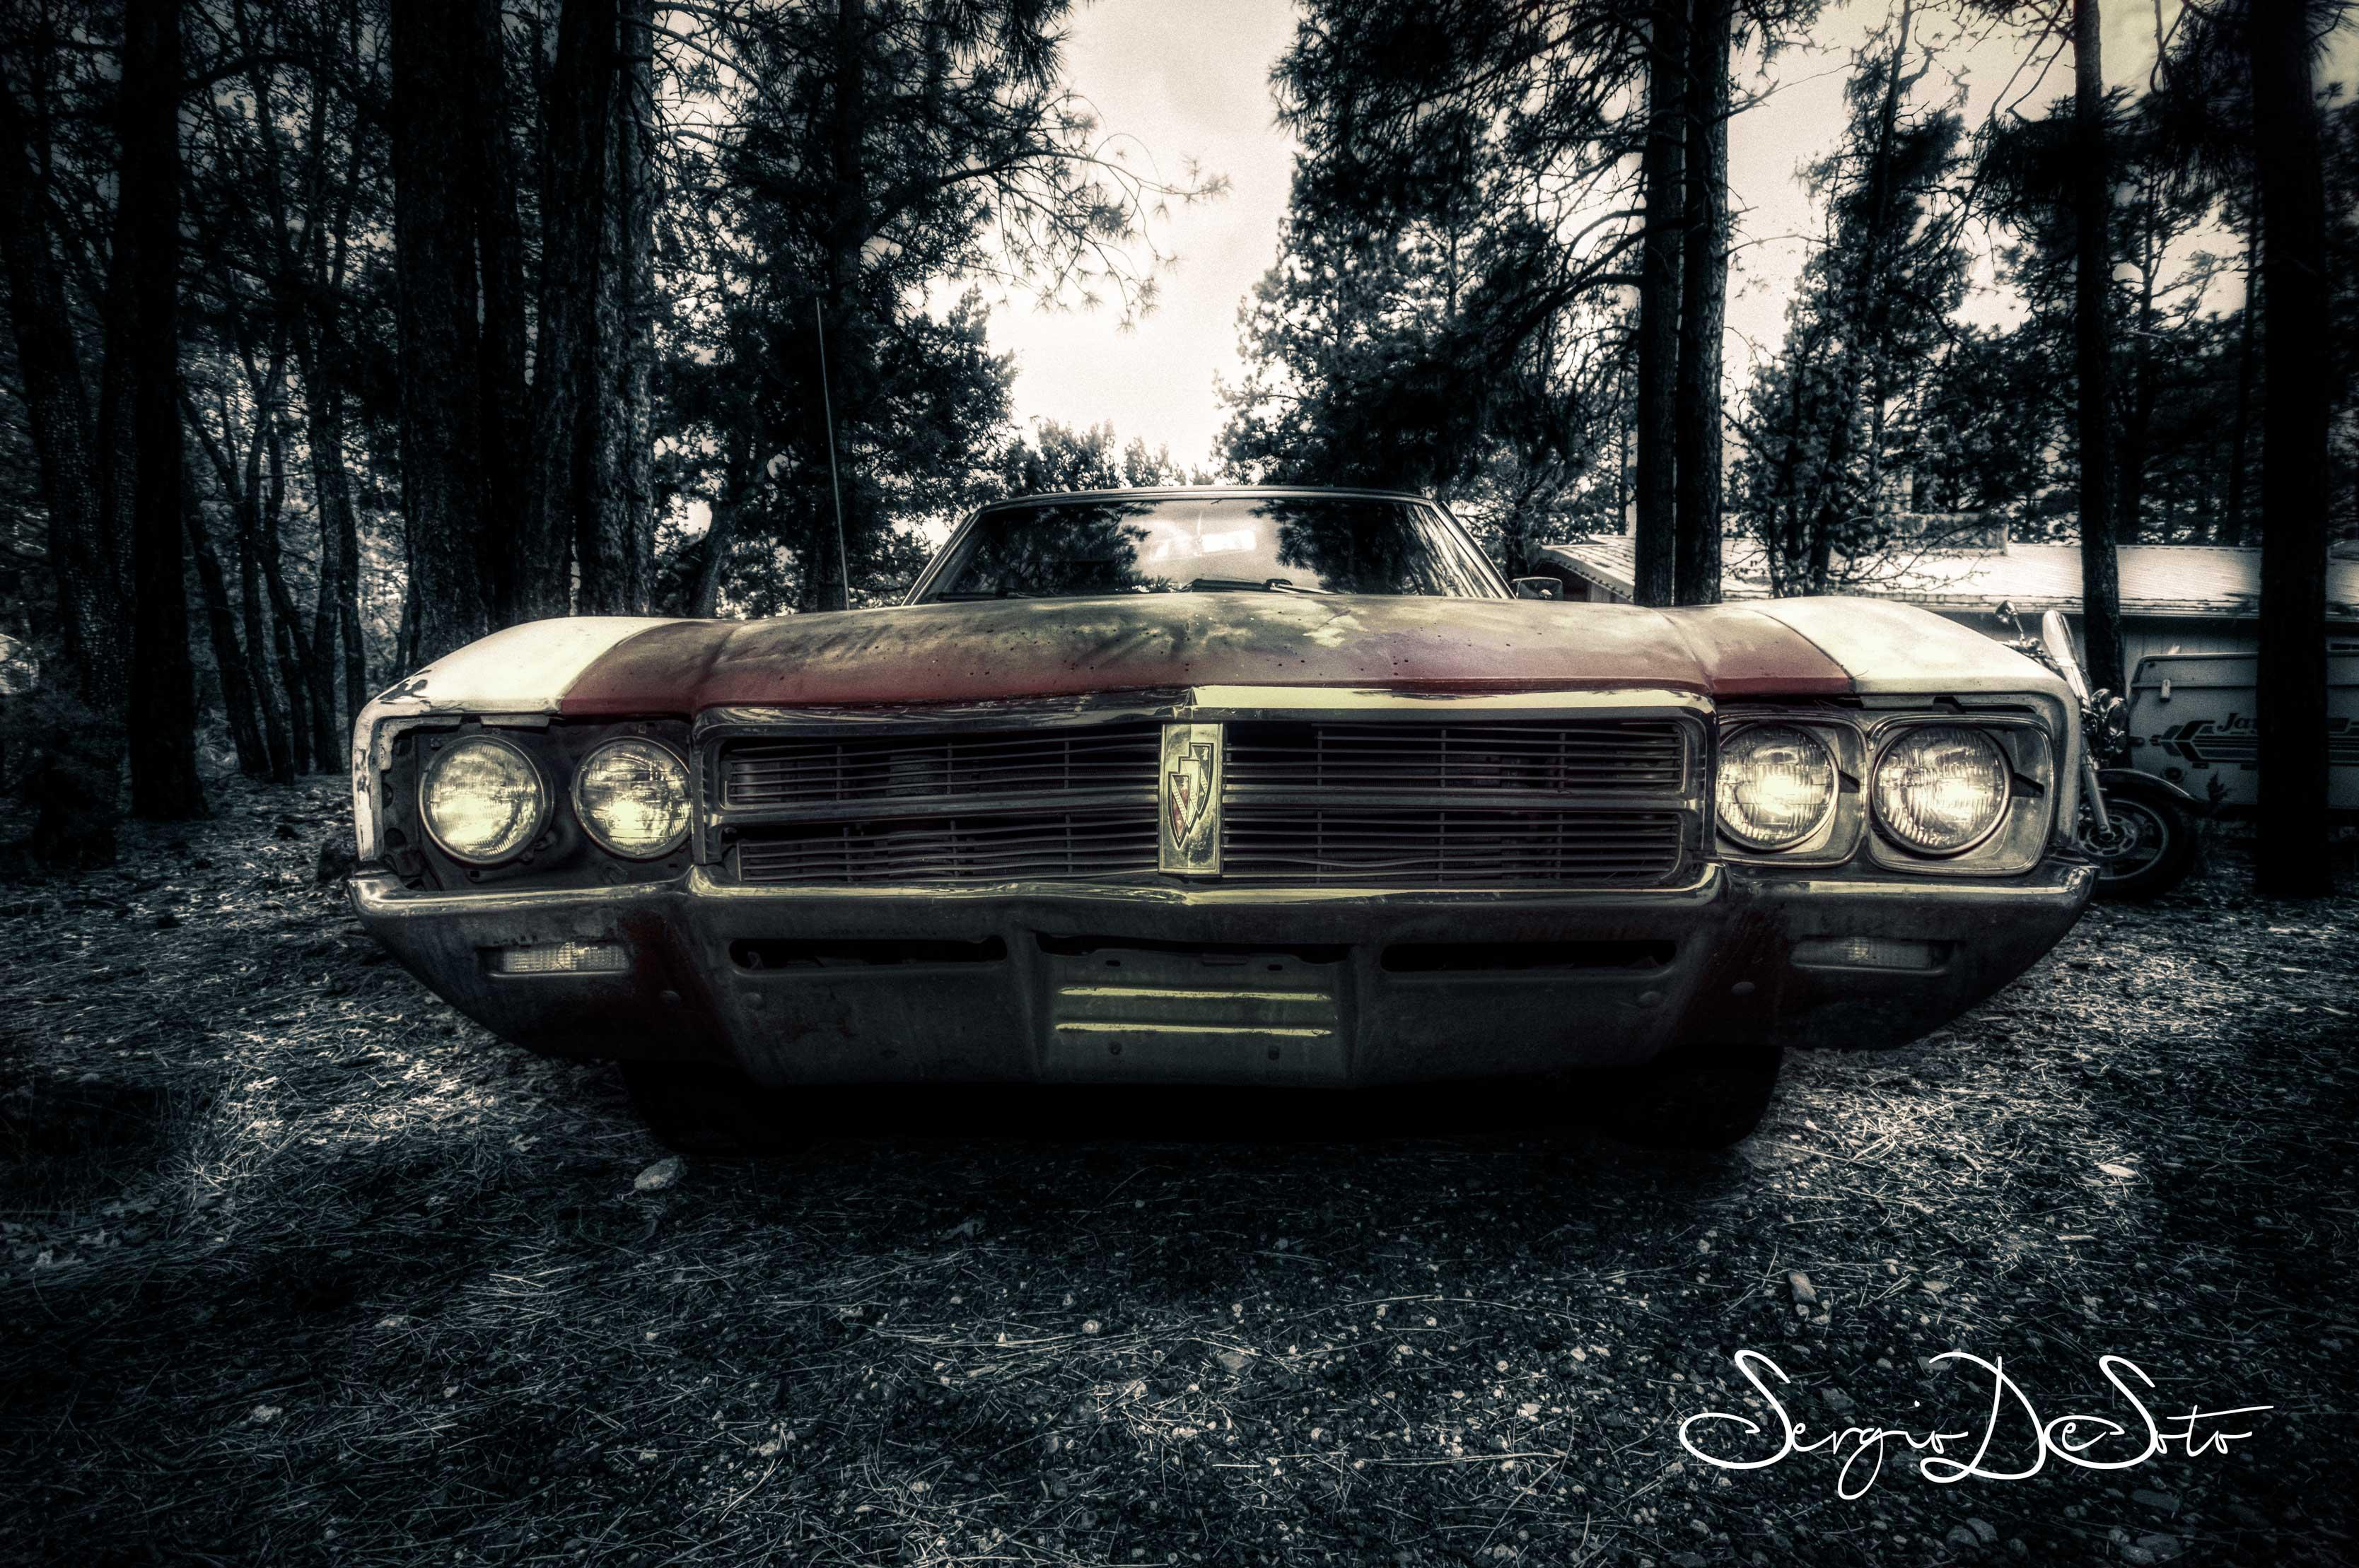 Retired Pontiac